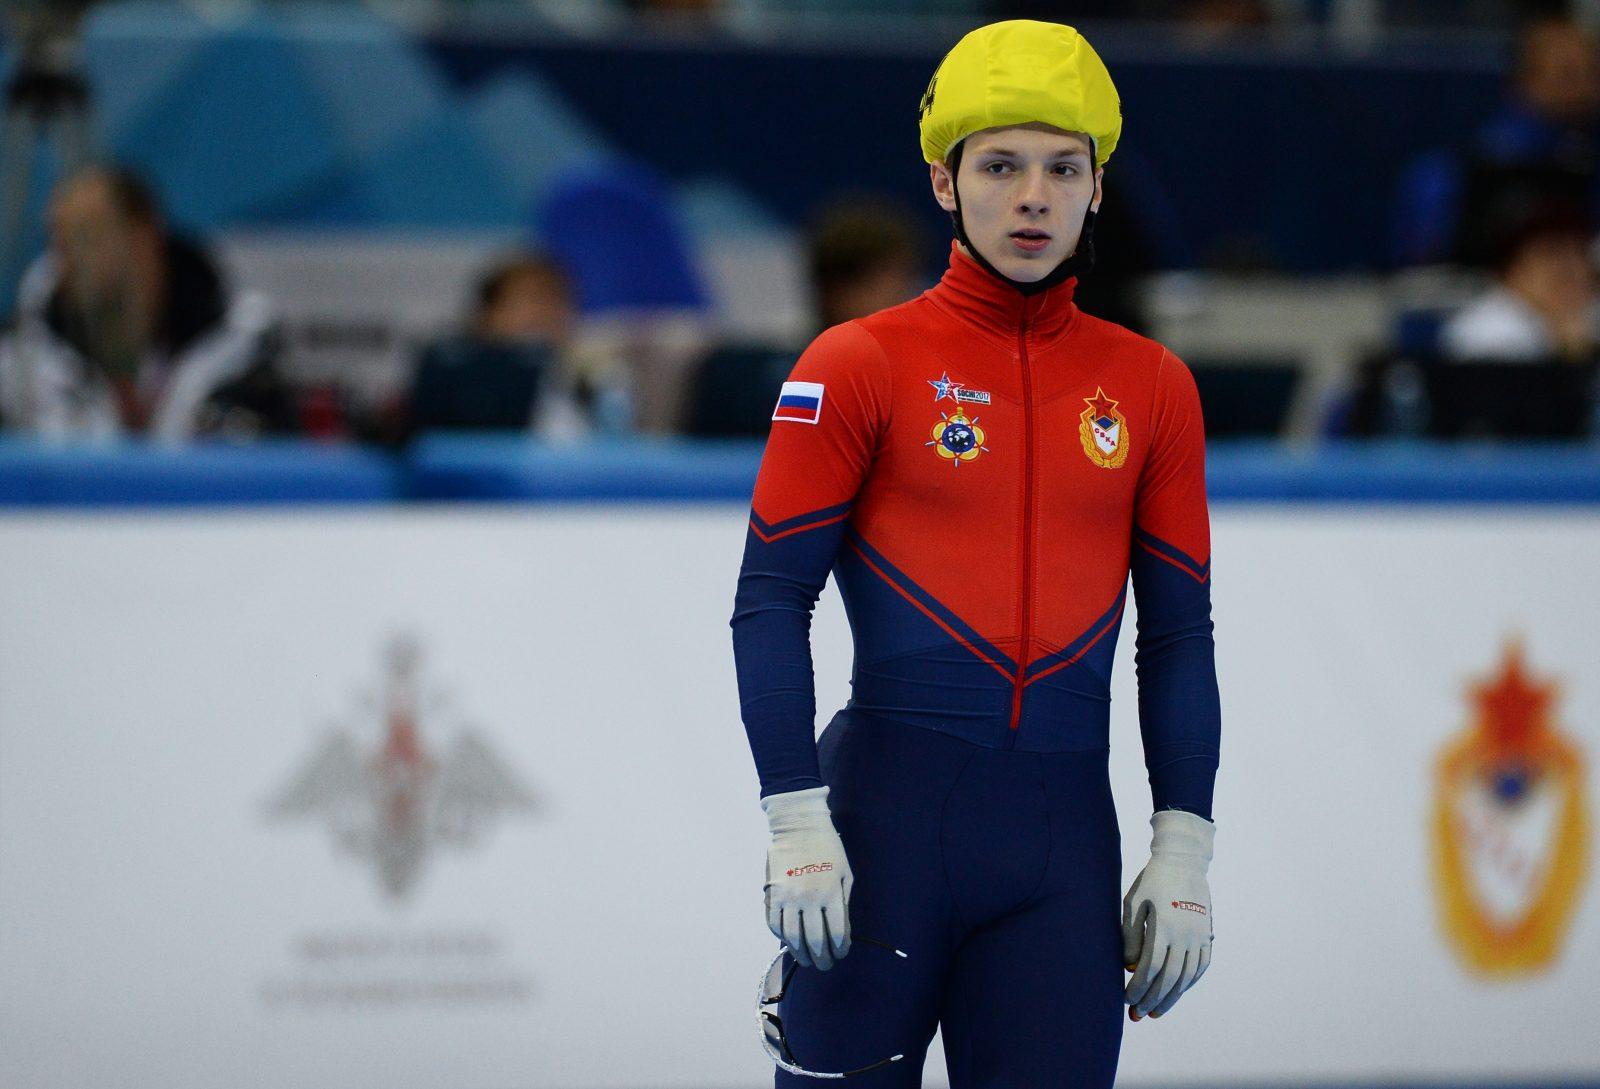 Конькобежец из Твери Даниил Ейбог стал победителем чемпионата Европы